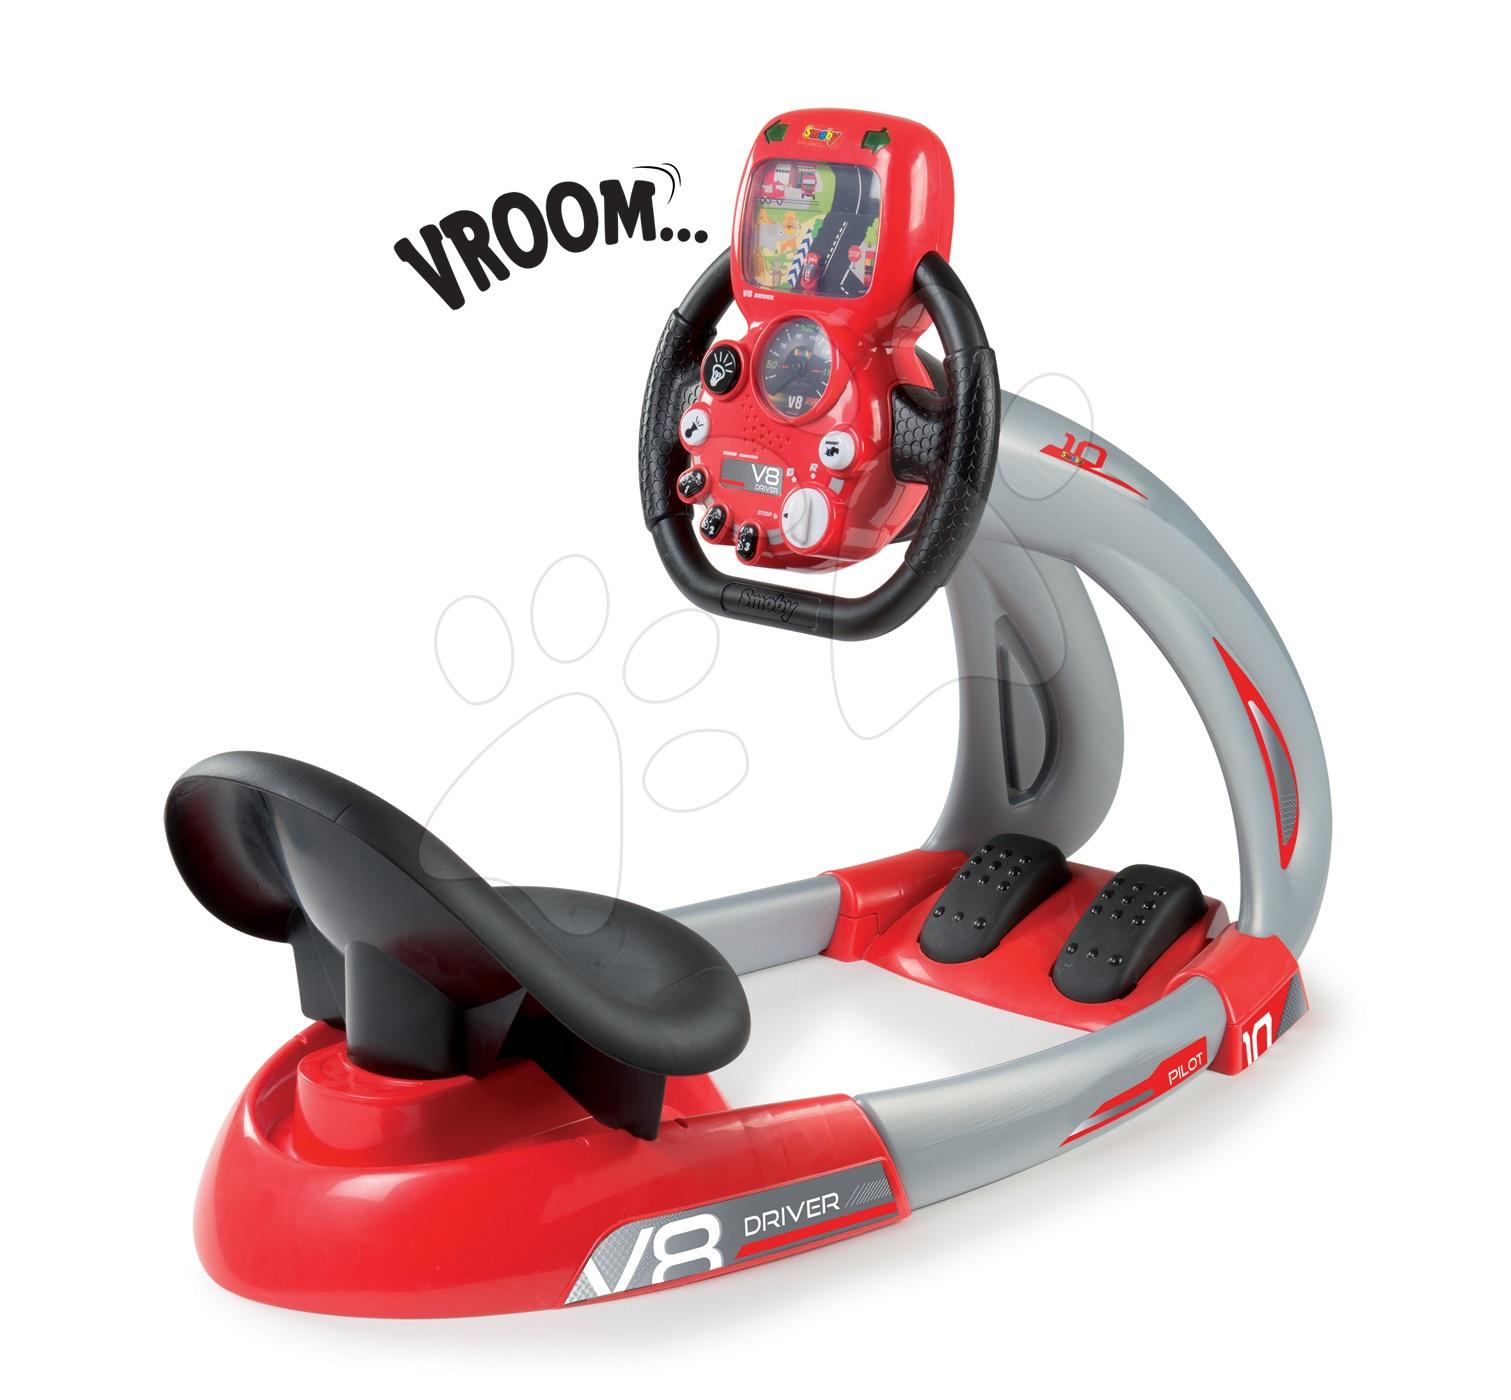 Simulator za djecu - Simulator V8 Driver Smoby električni sa zvukom i svjetlom